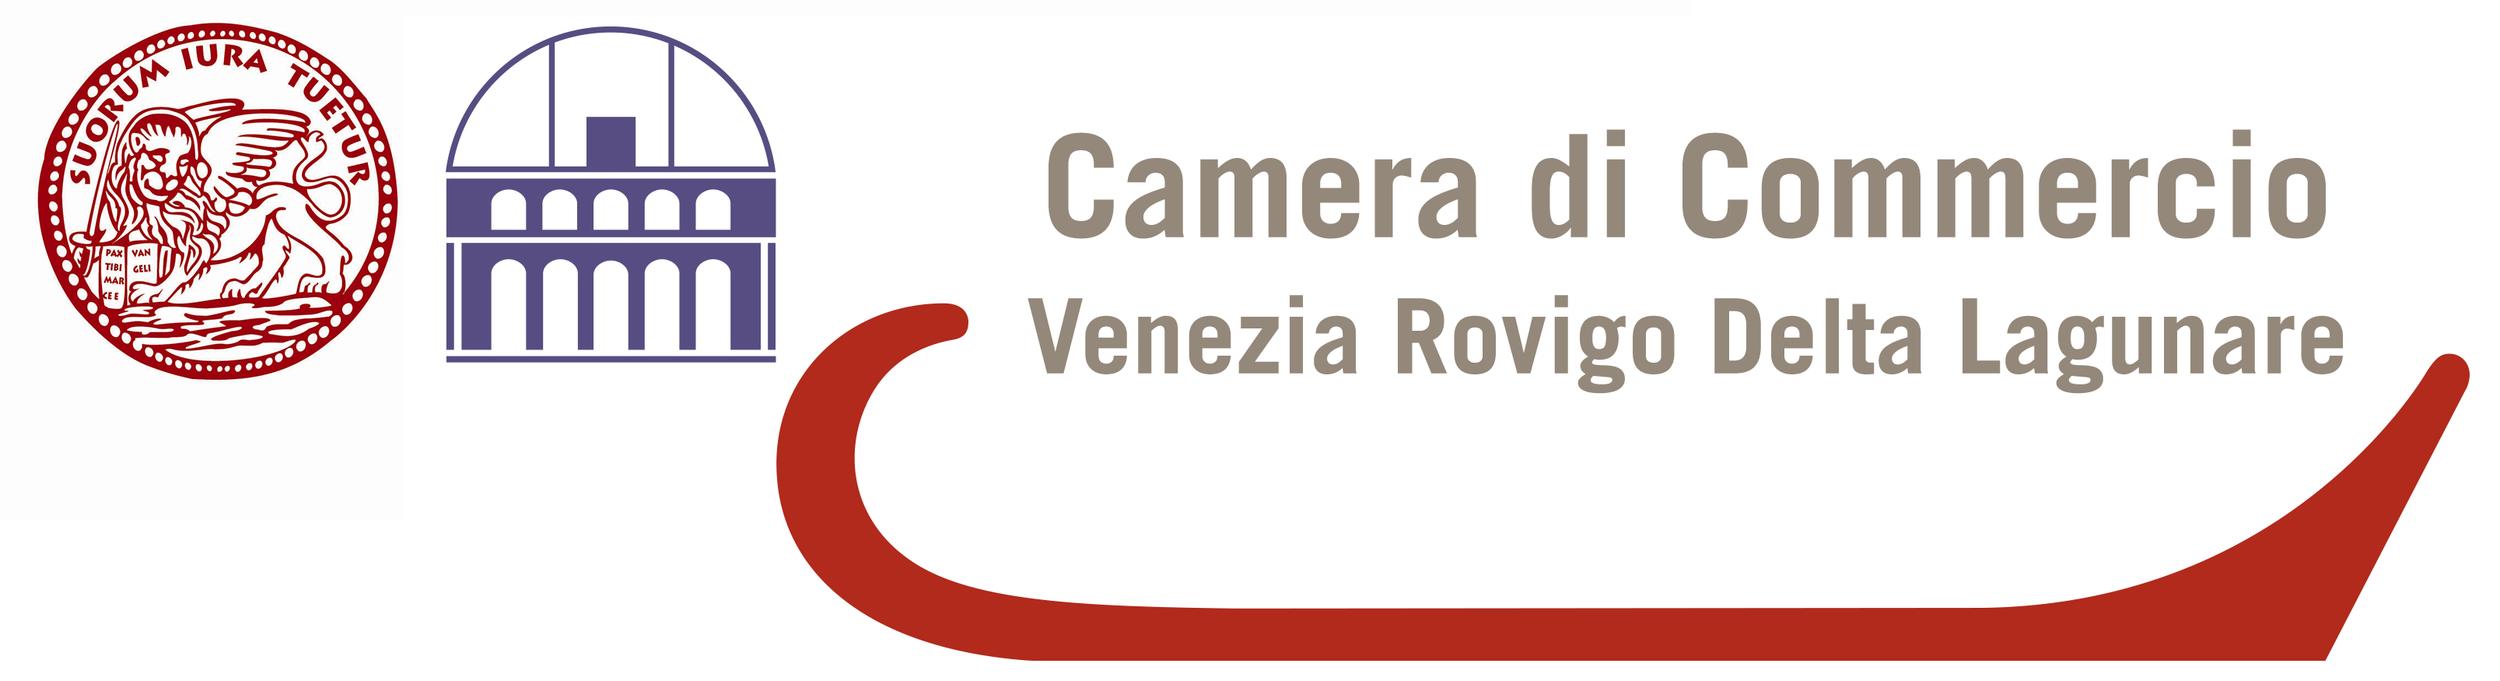 logo cc venezia.jpg